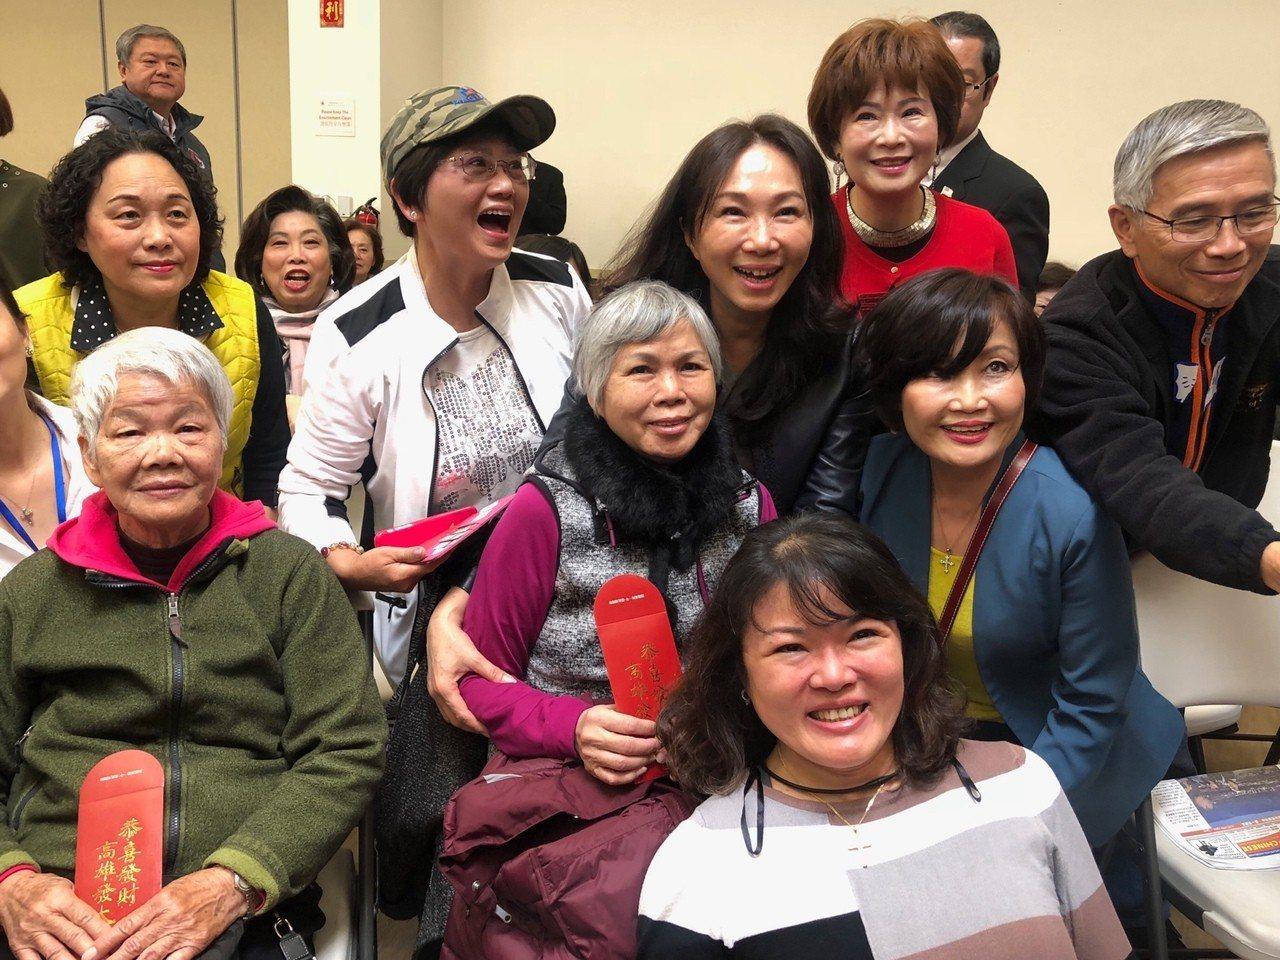 高雄市長韓國瑜的妻子李佳芬美西時間16日上午造訪舊金山一處華僑文教中心,與銀髮僑...